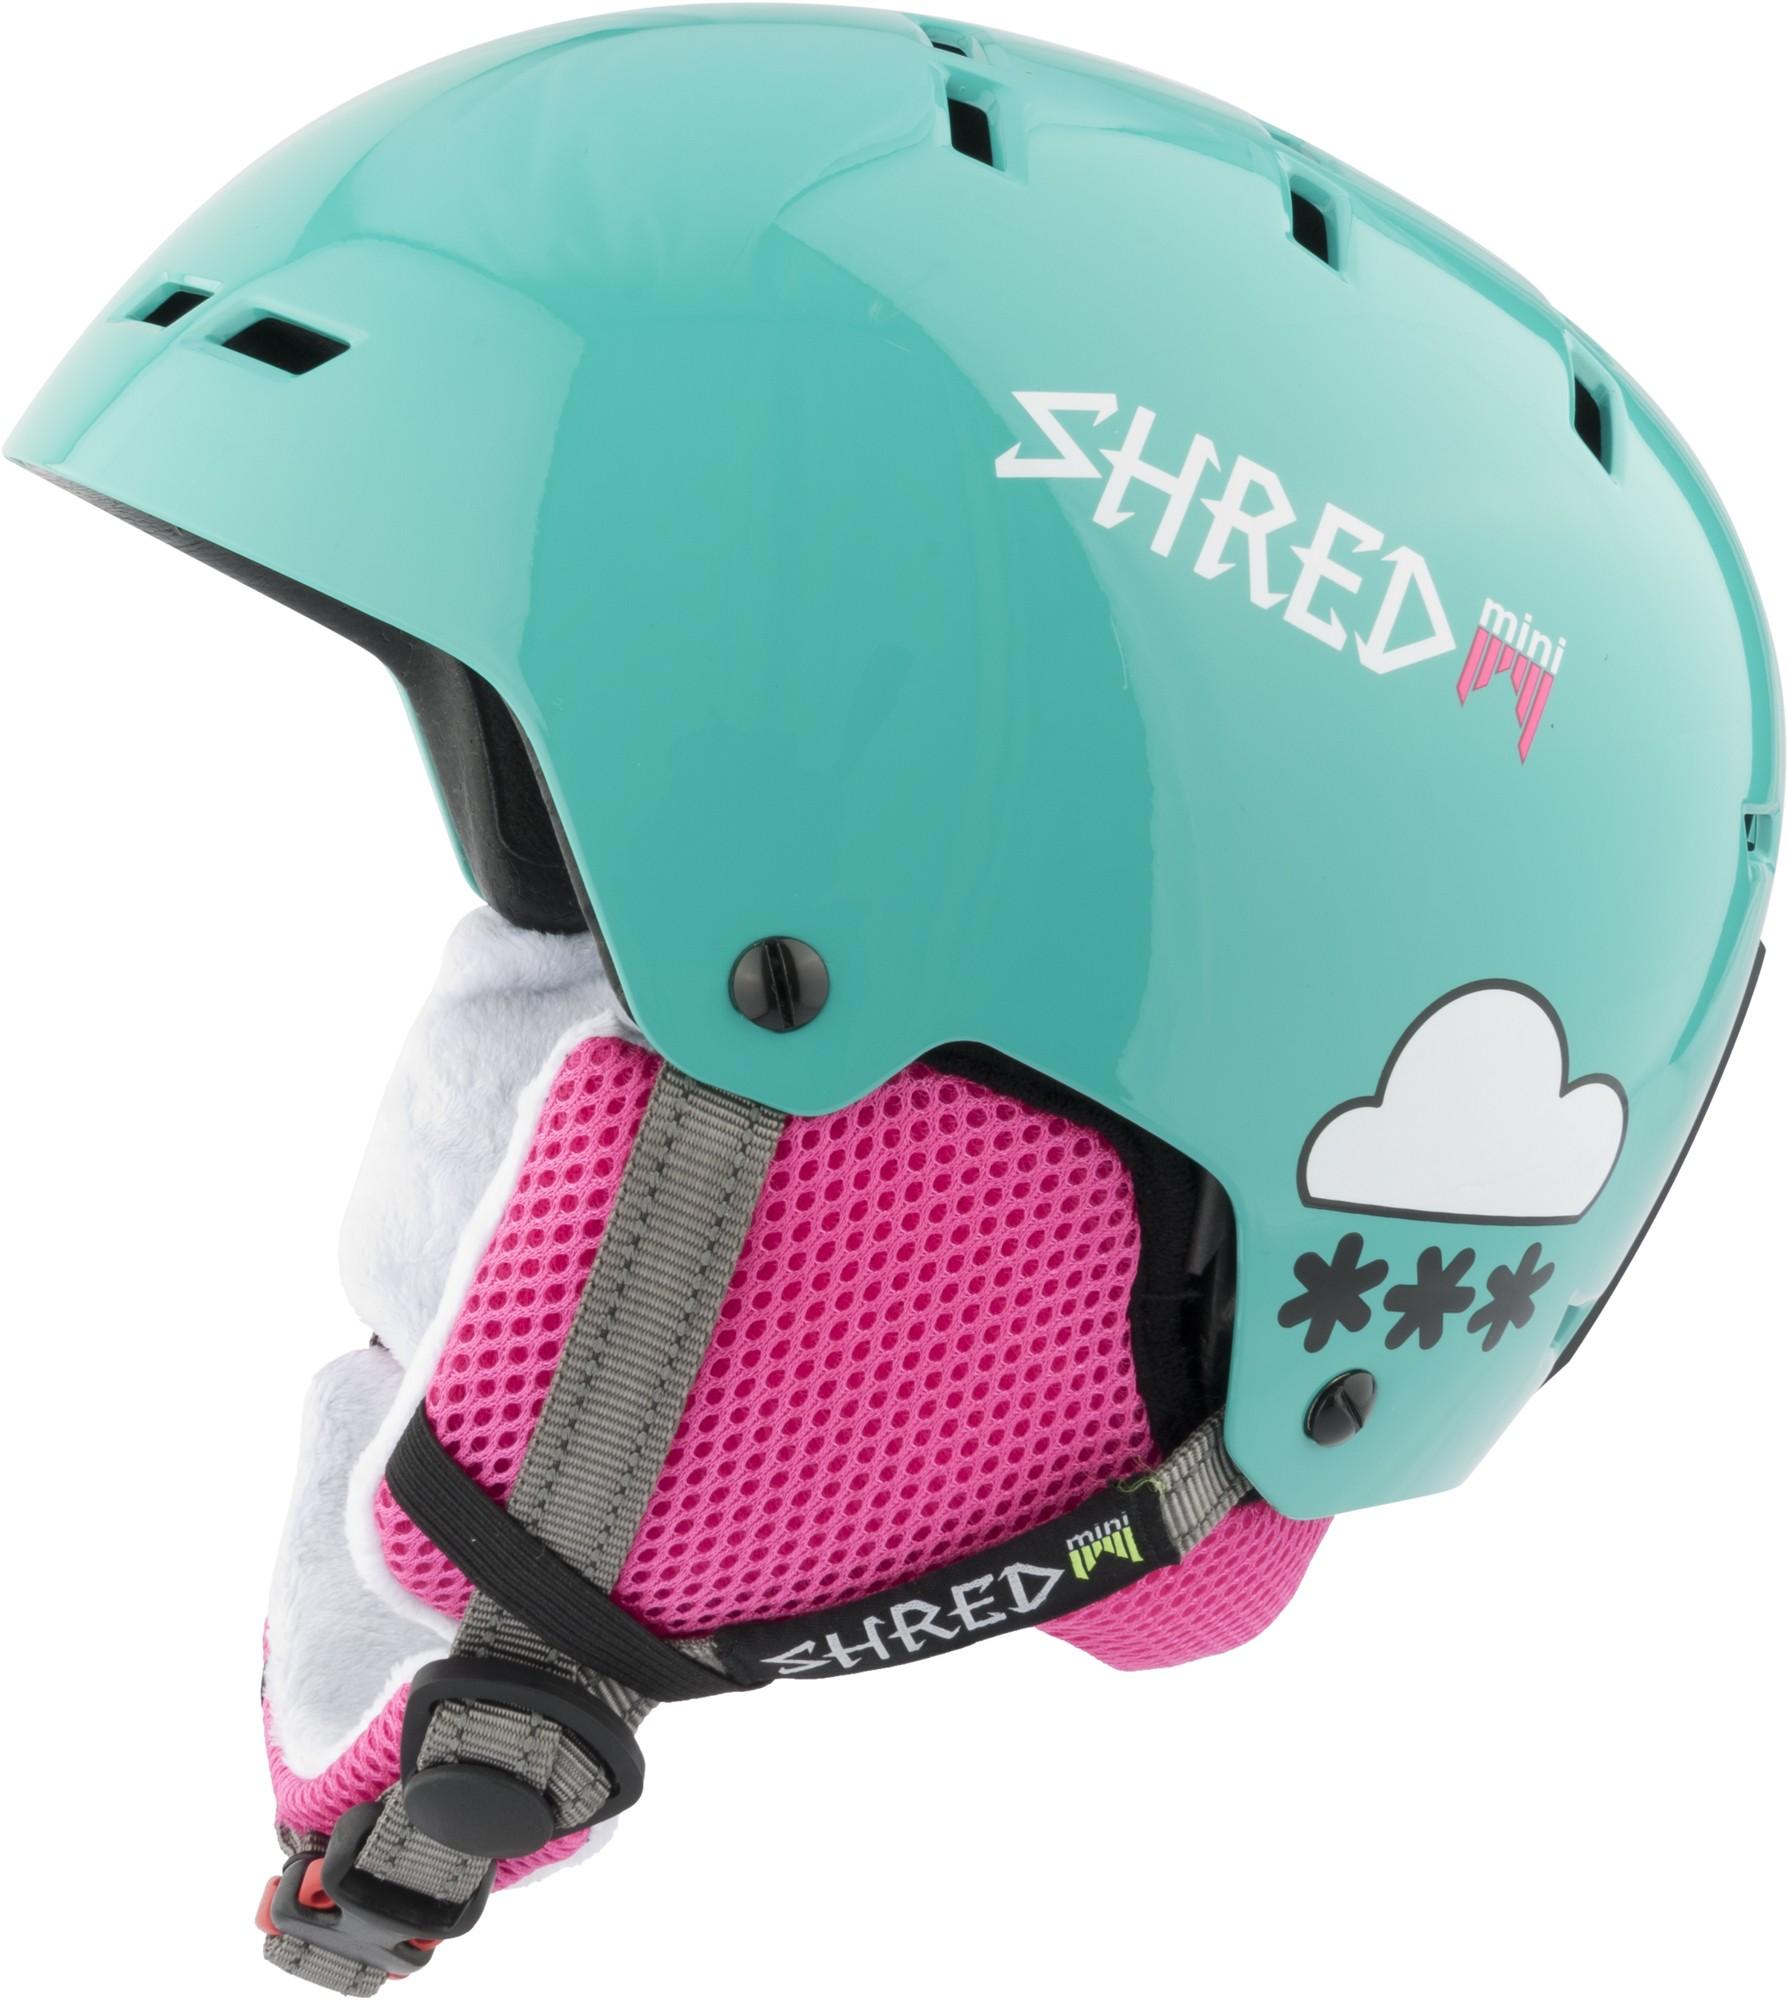 Shred BUMPER warm MINI AIR MINT ski helmet, 2017